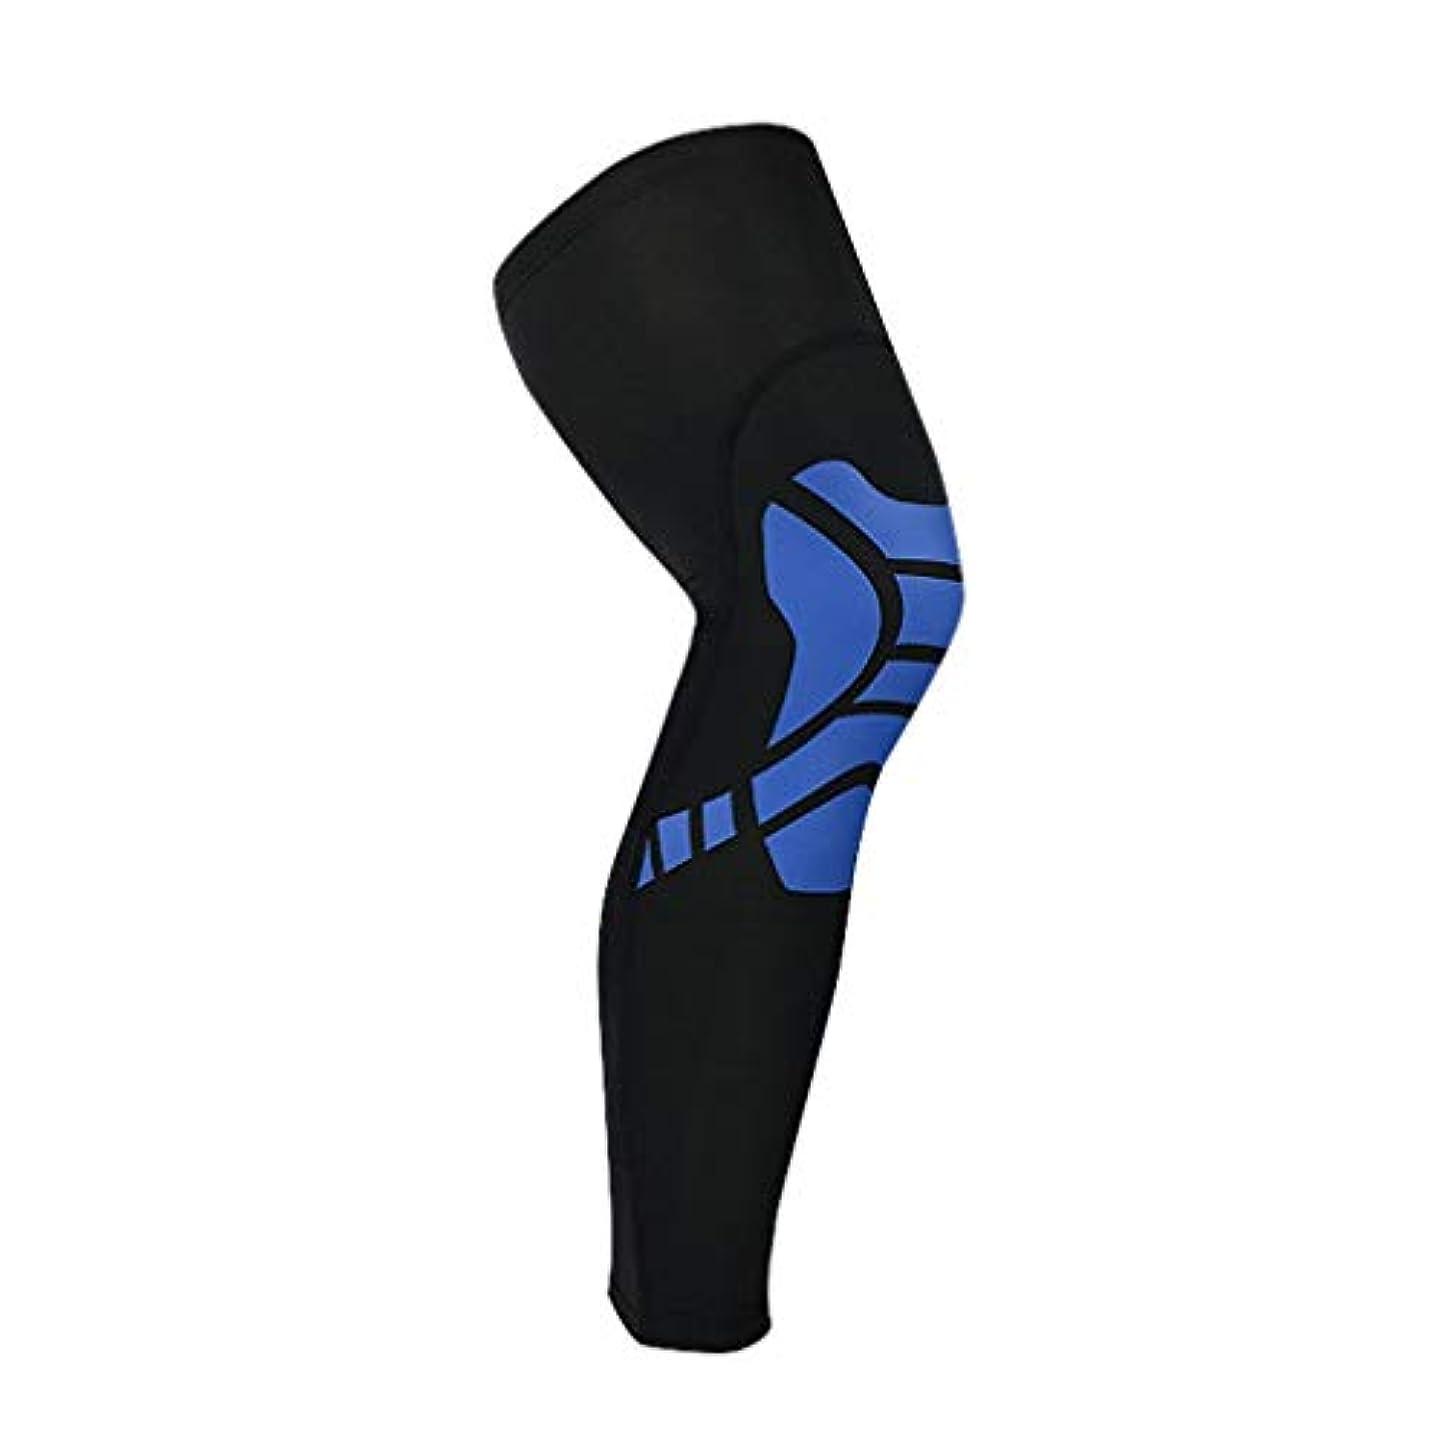 気候の山不満比べる膝サポートは関節炎の救助のための伸縮性のニーパッドによって改善された循環にスリーブを付けます-innovationo